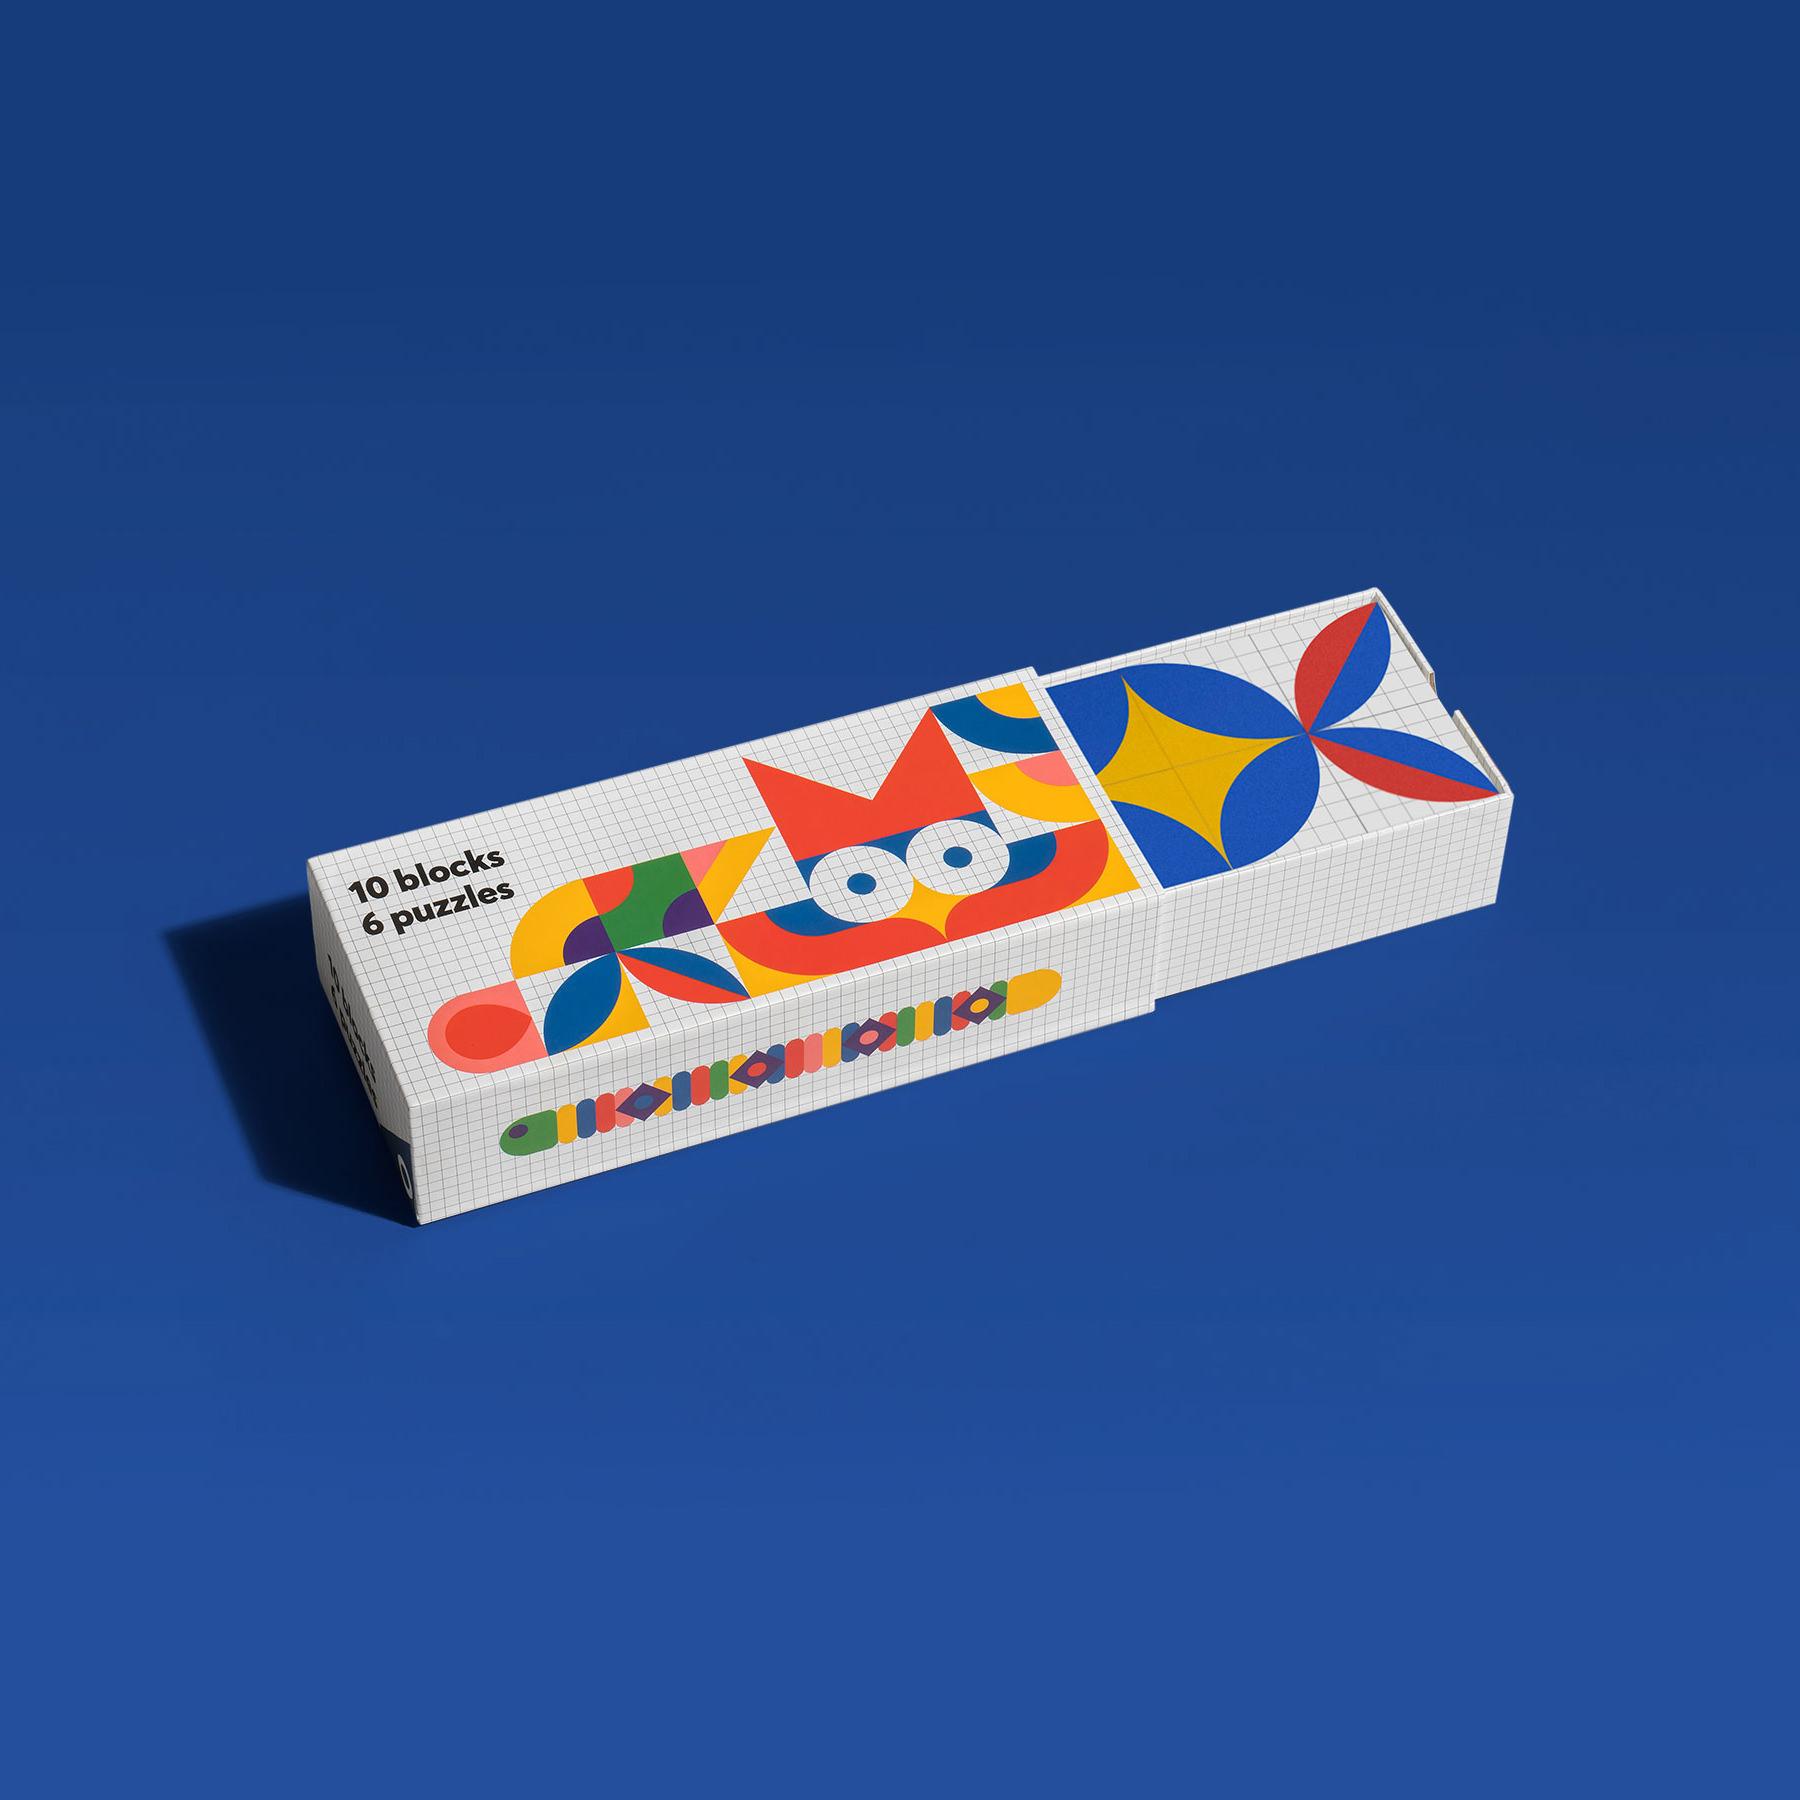 バルセロナのデザイン事務所が手がける子供の創造性を育むおもちゃ